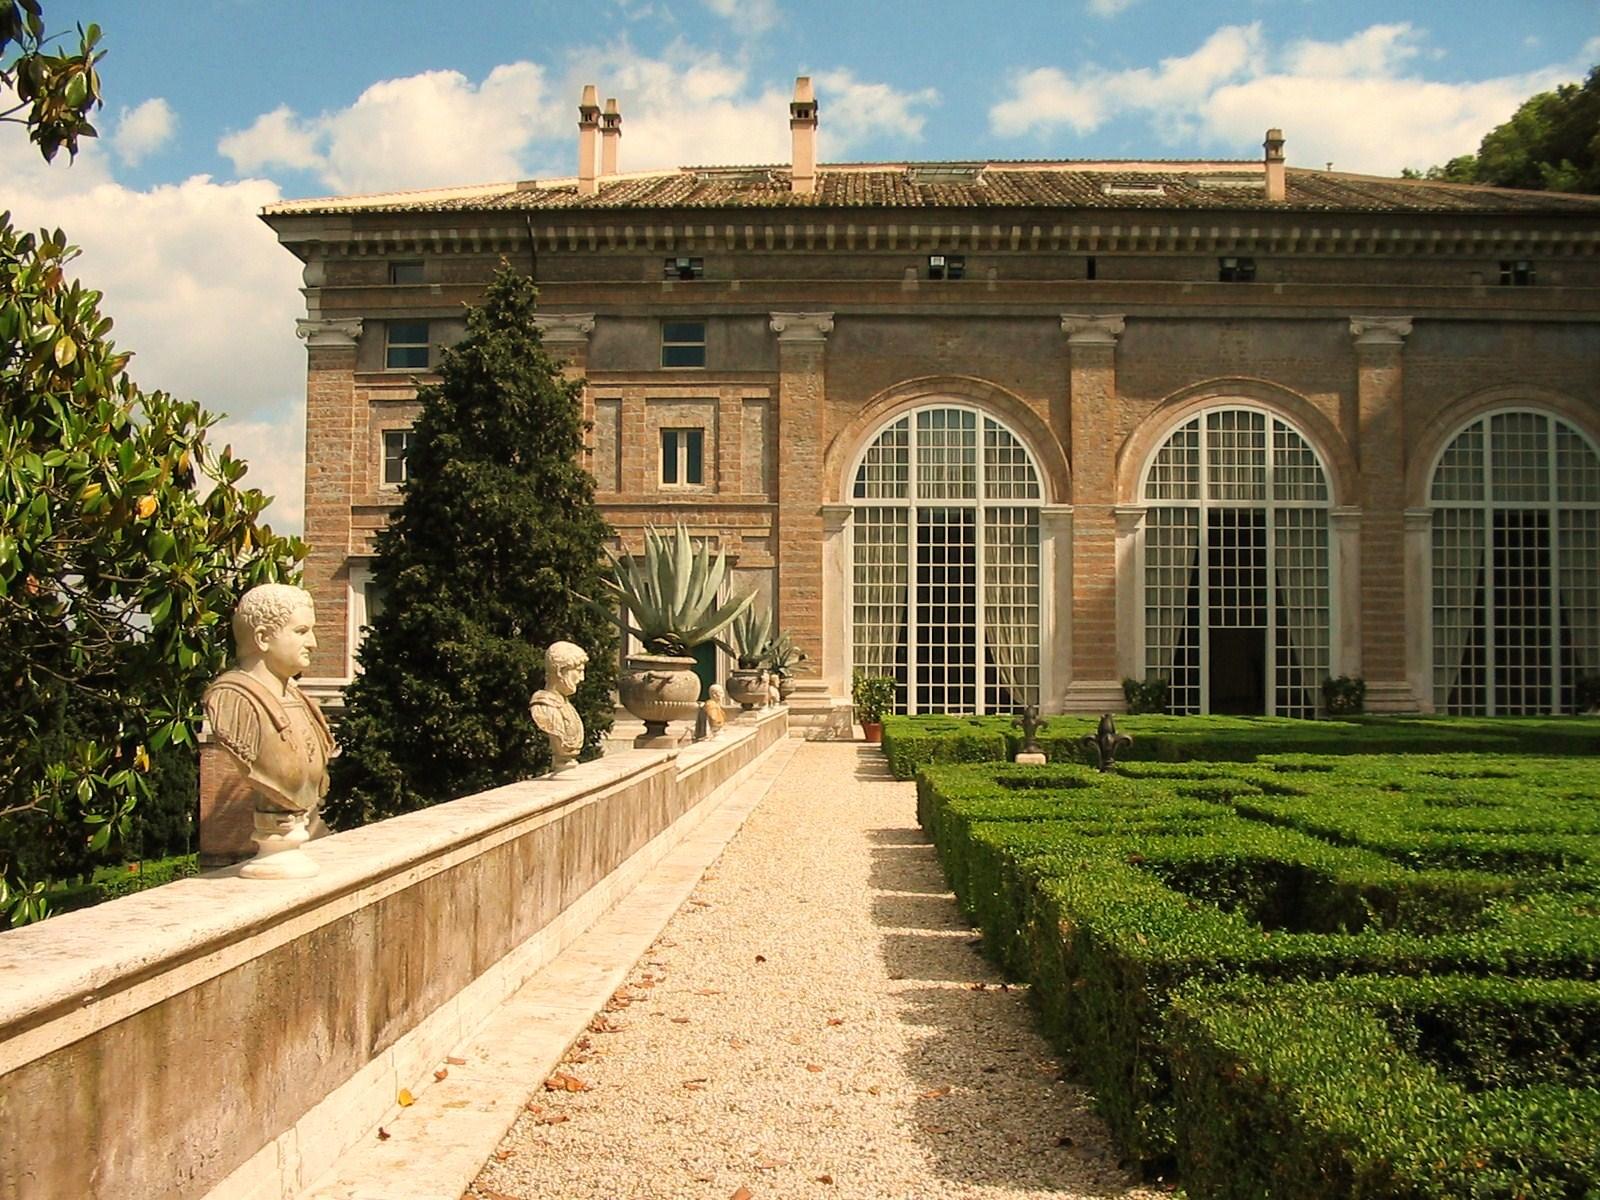 Villa madama wikipedia for Affitto roma porta di roma